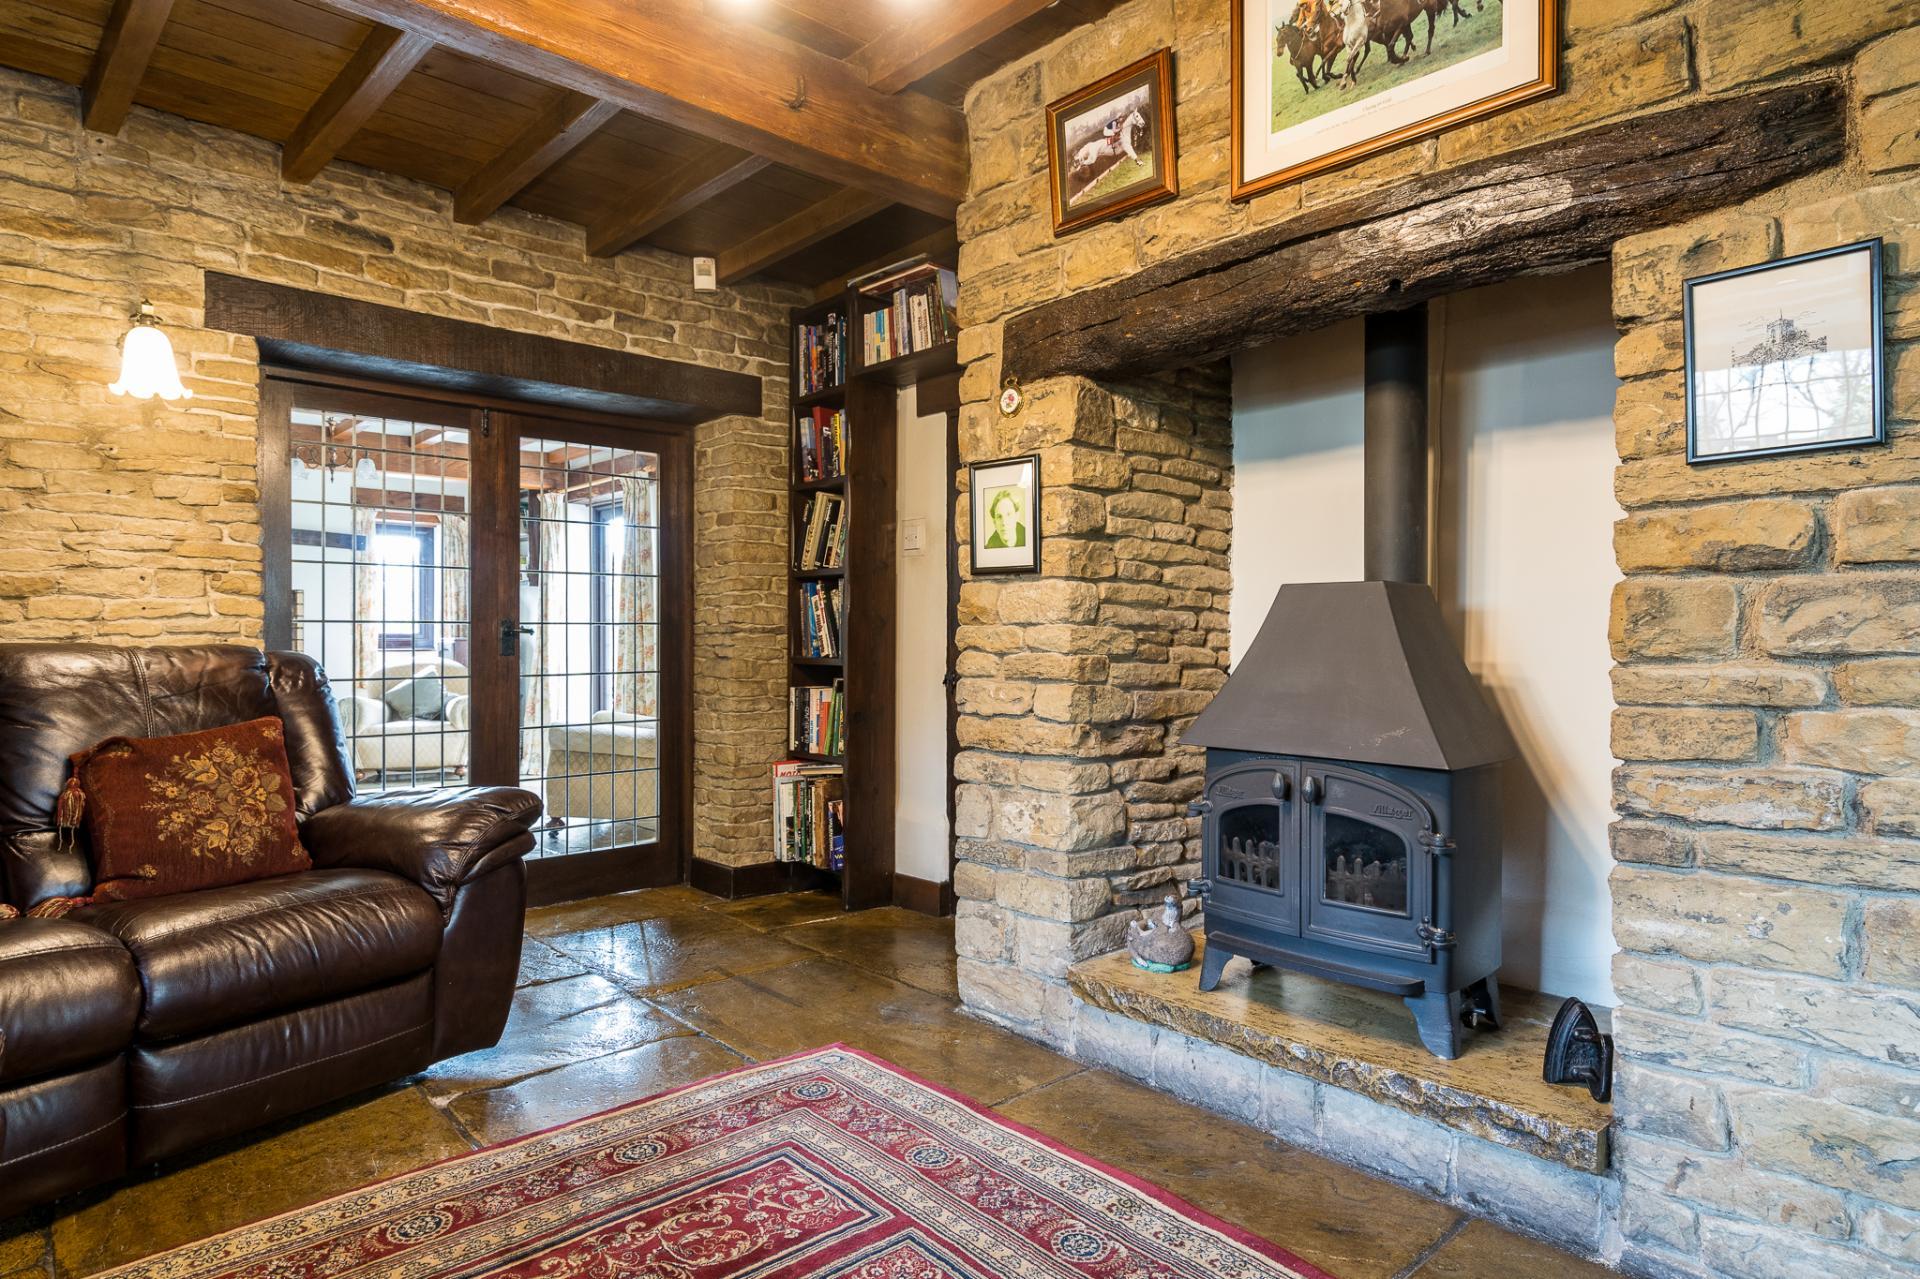 4 Bedroom House For Sale In Ossett